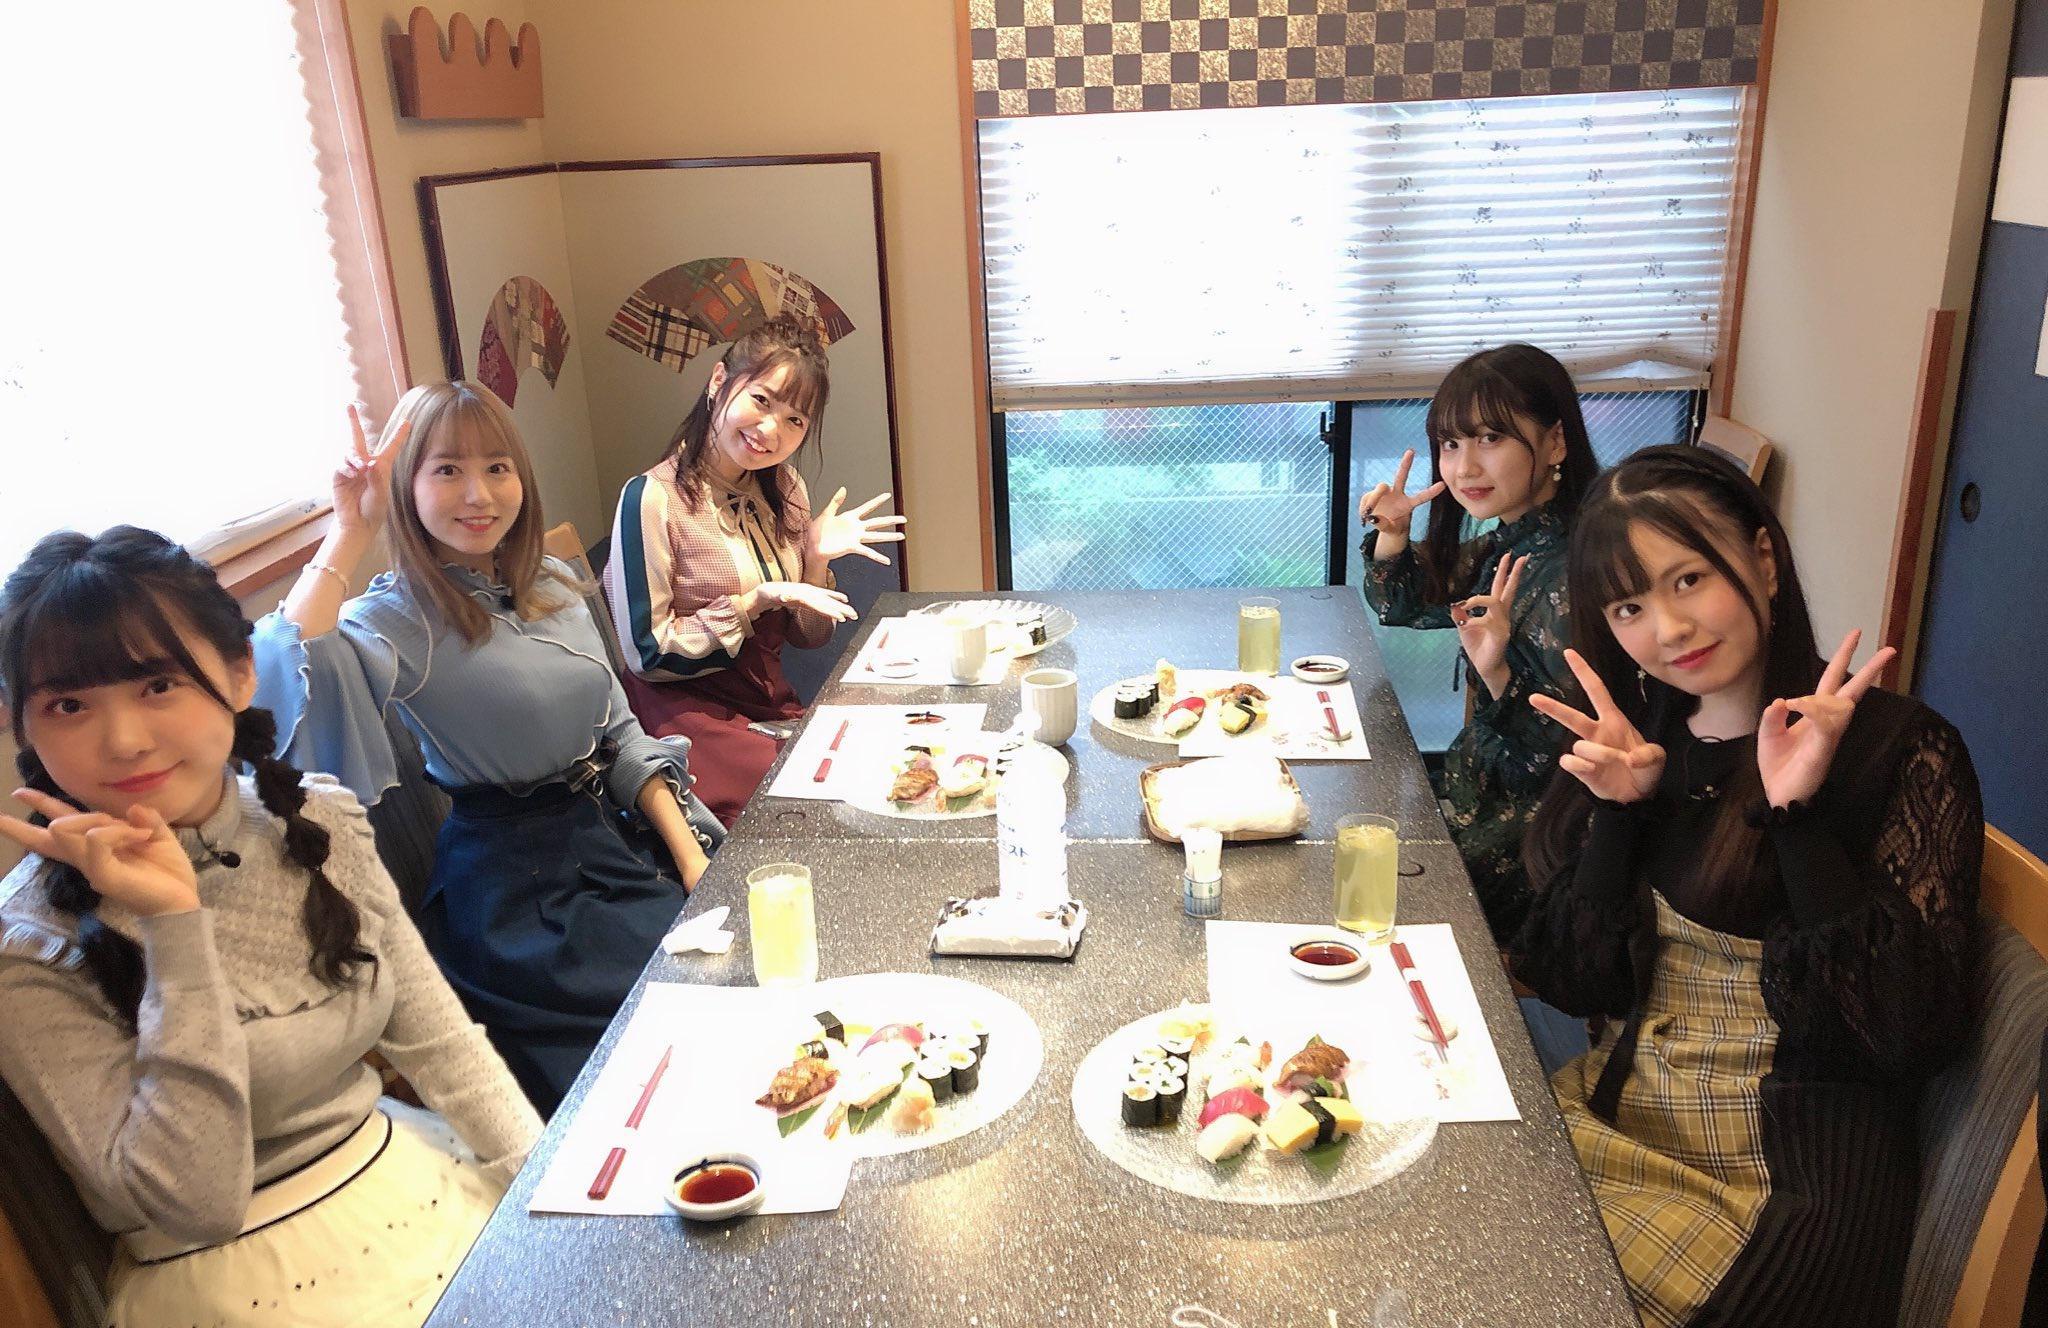 【画像】大場美奈さんのおっぱいが大きすぎて服がきつえろ